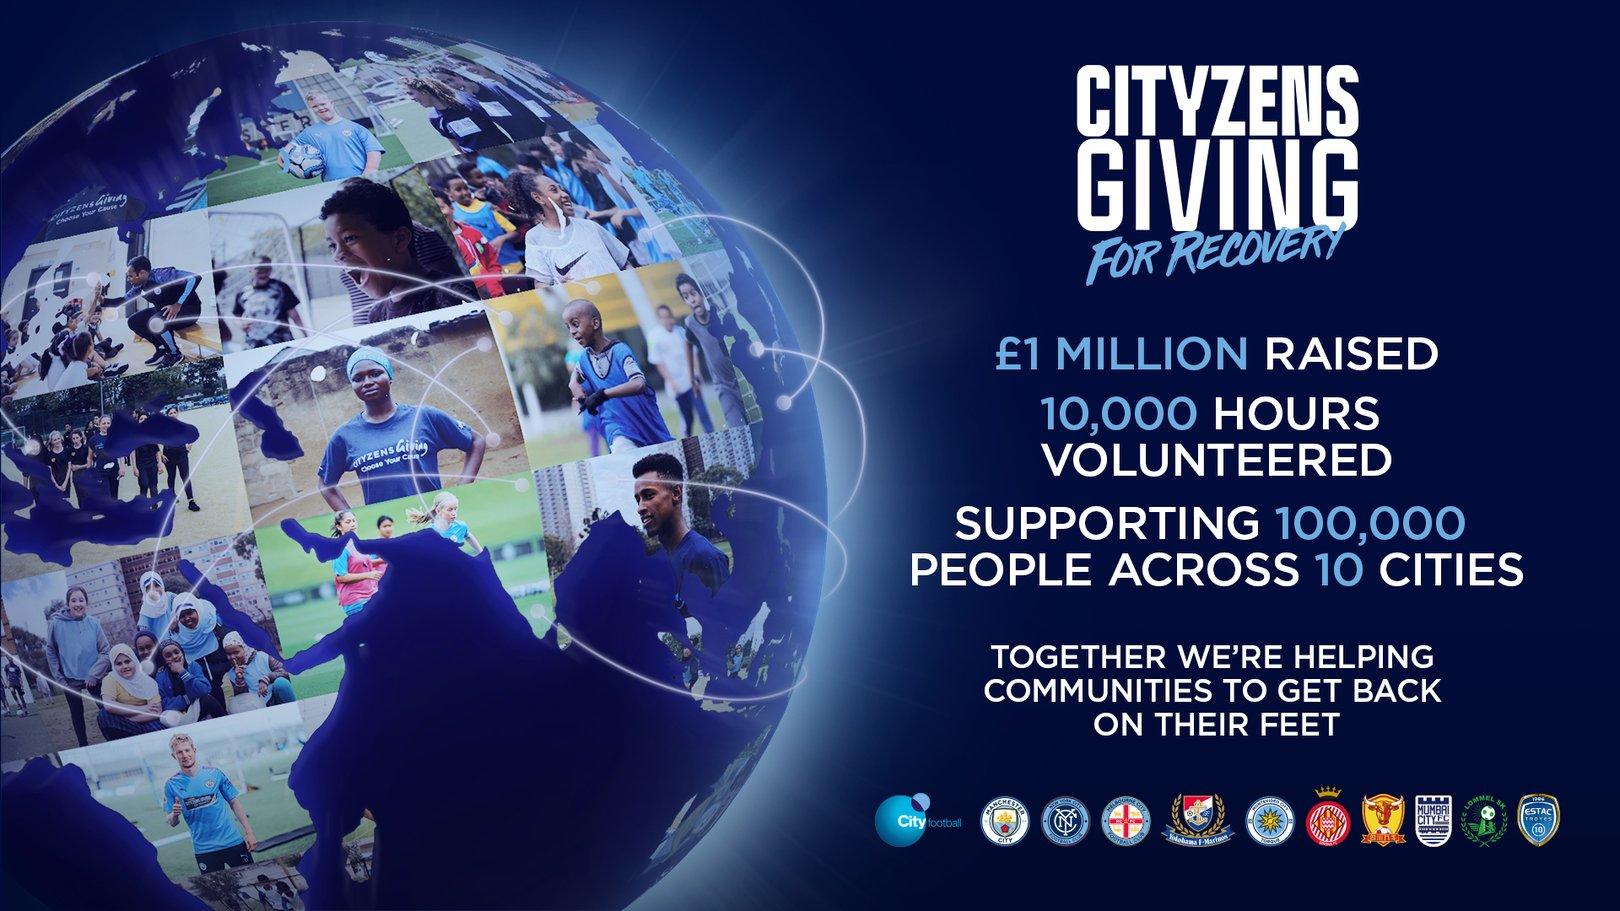 مجموعة السيتي لكرة القدم تحتفل بنجاح حملة عطاء السيتي للتعافي